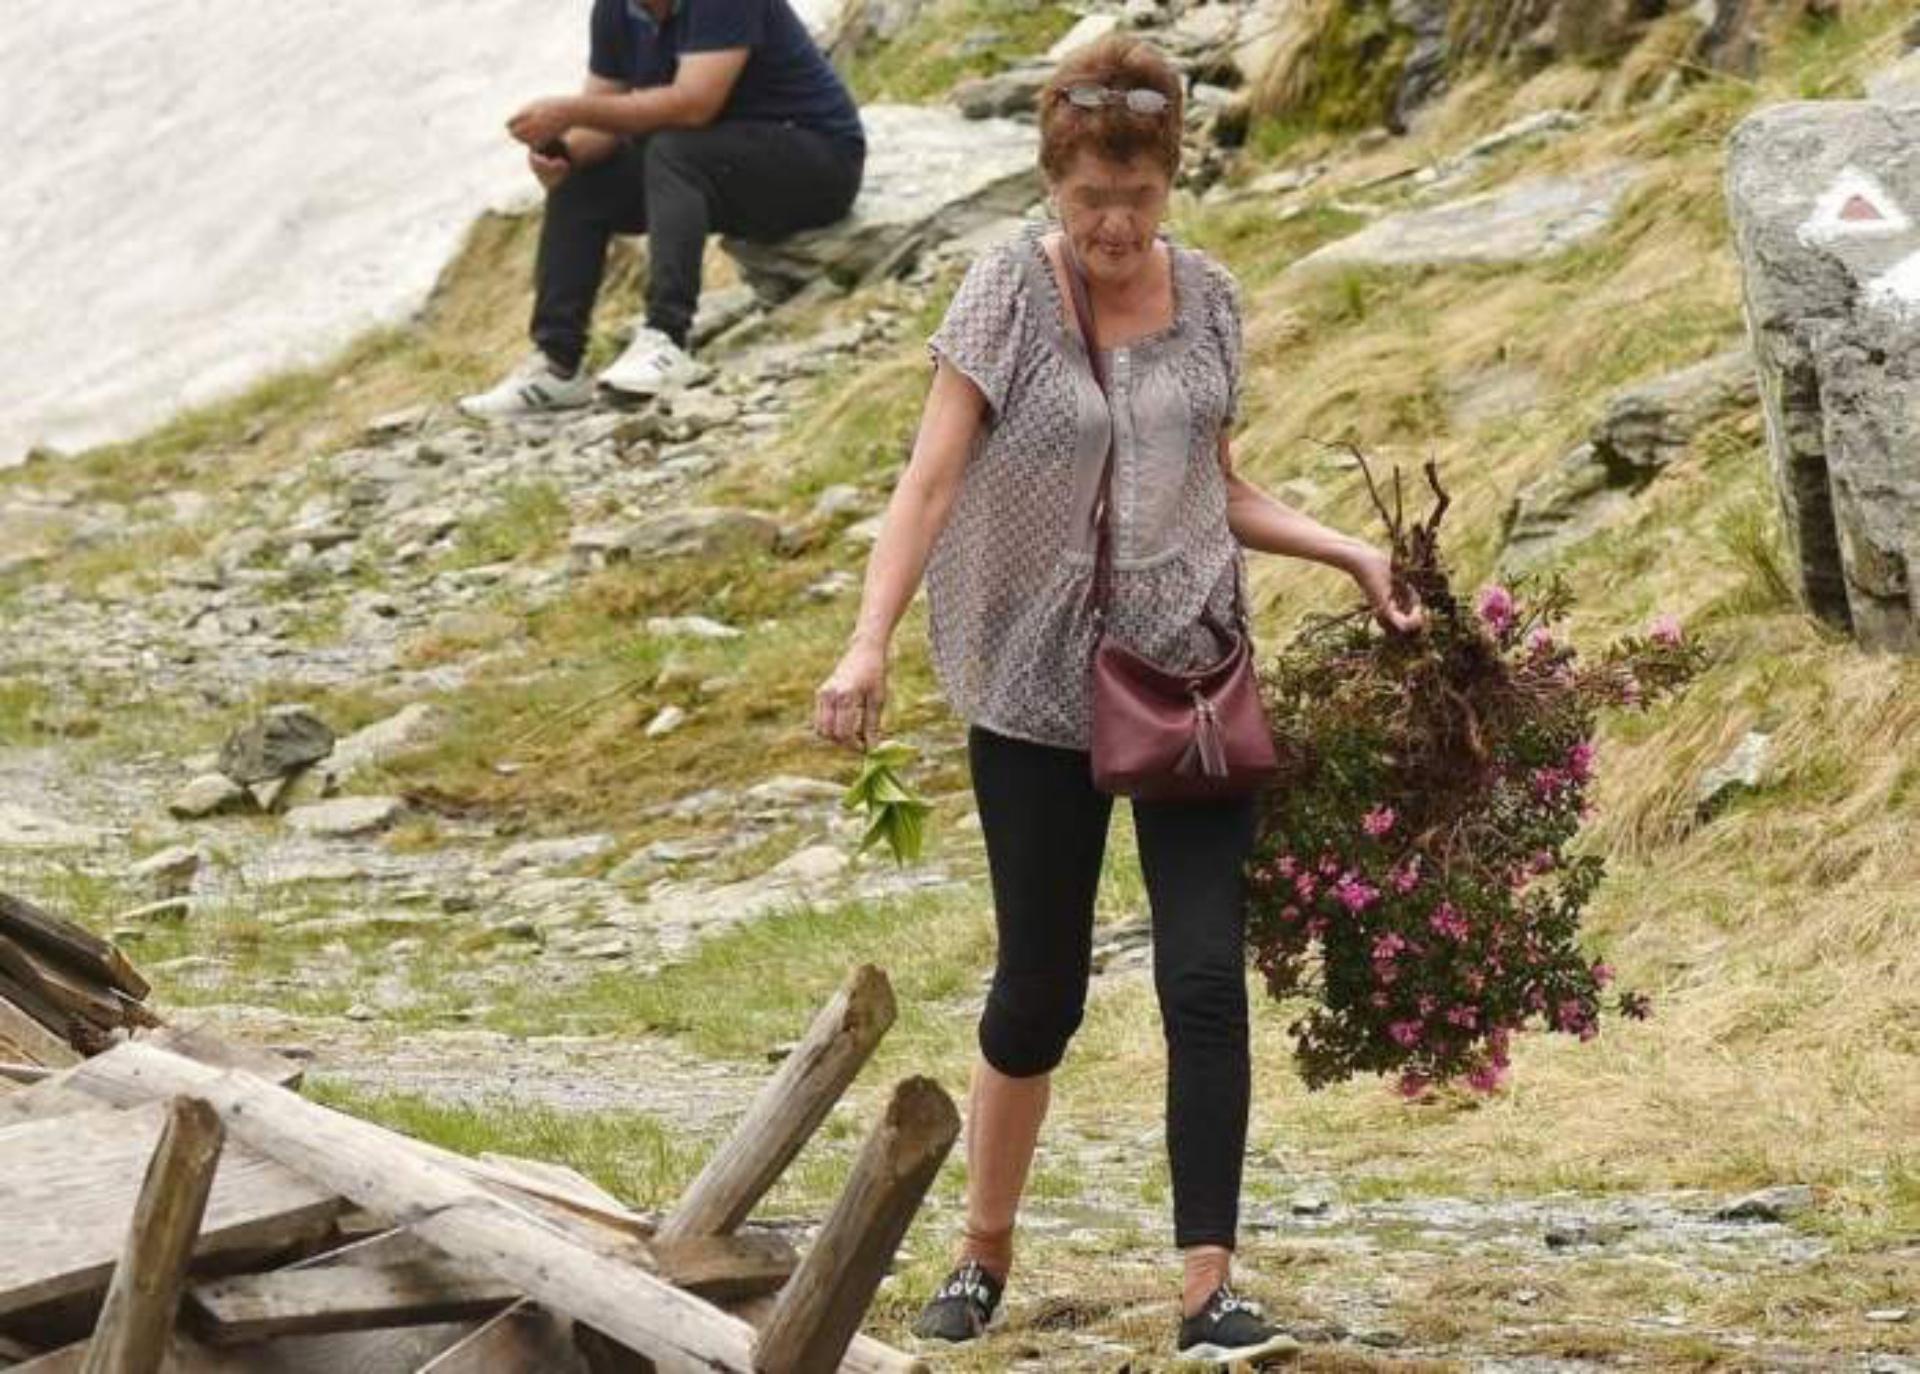 Mesaj dur de la salvamontiști după ce o turistă a smuls din rădăcini o plantă protejată de lege